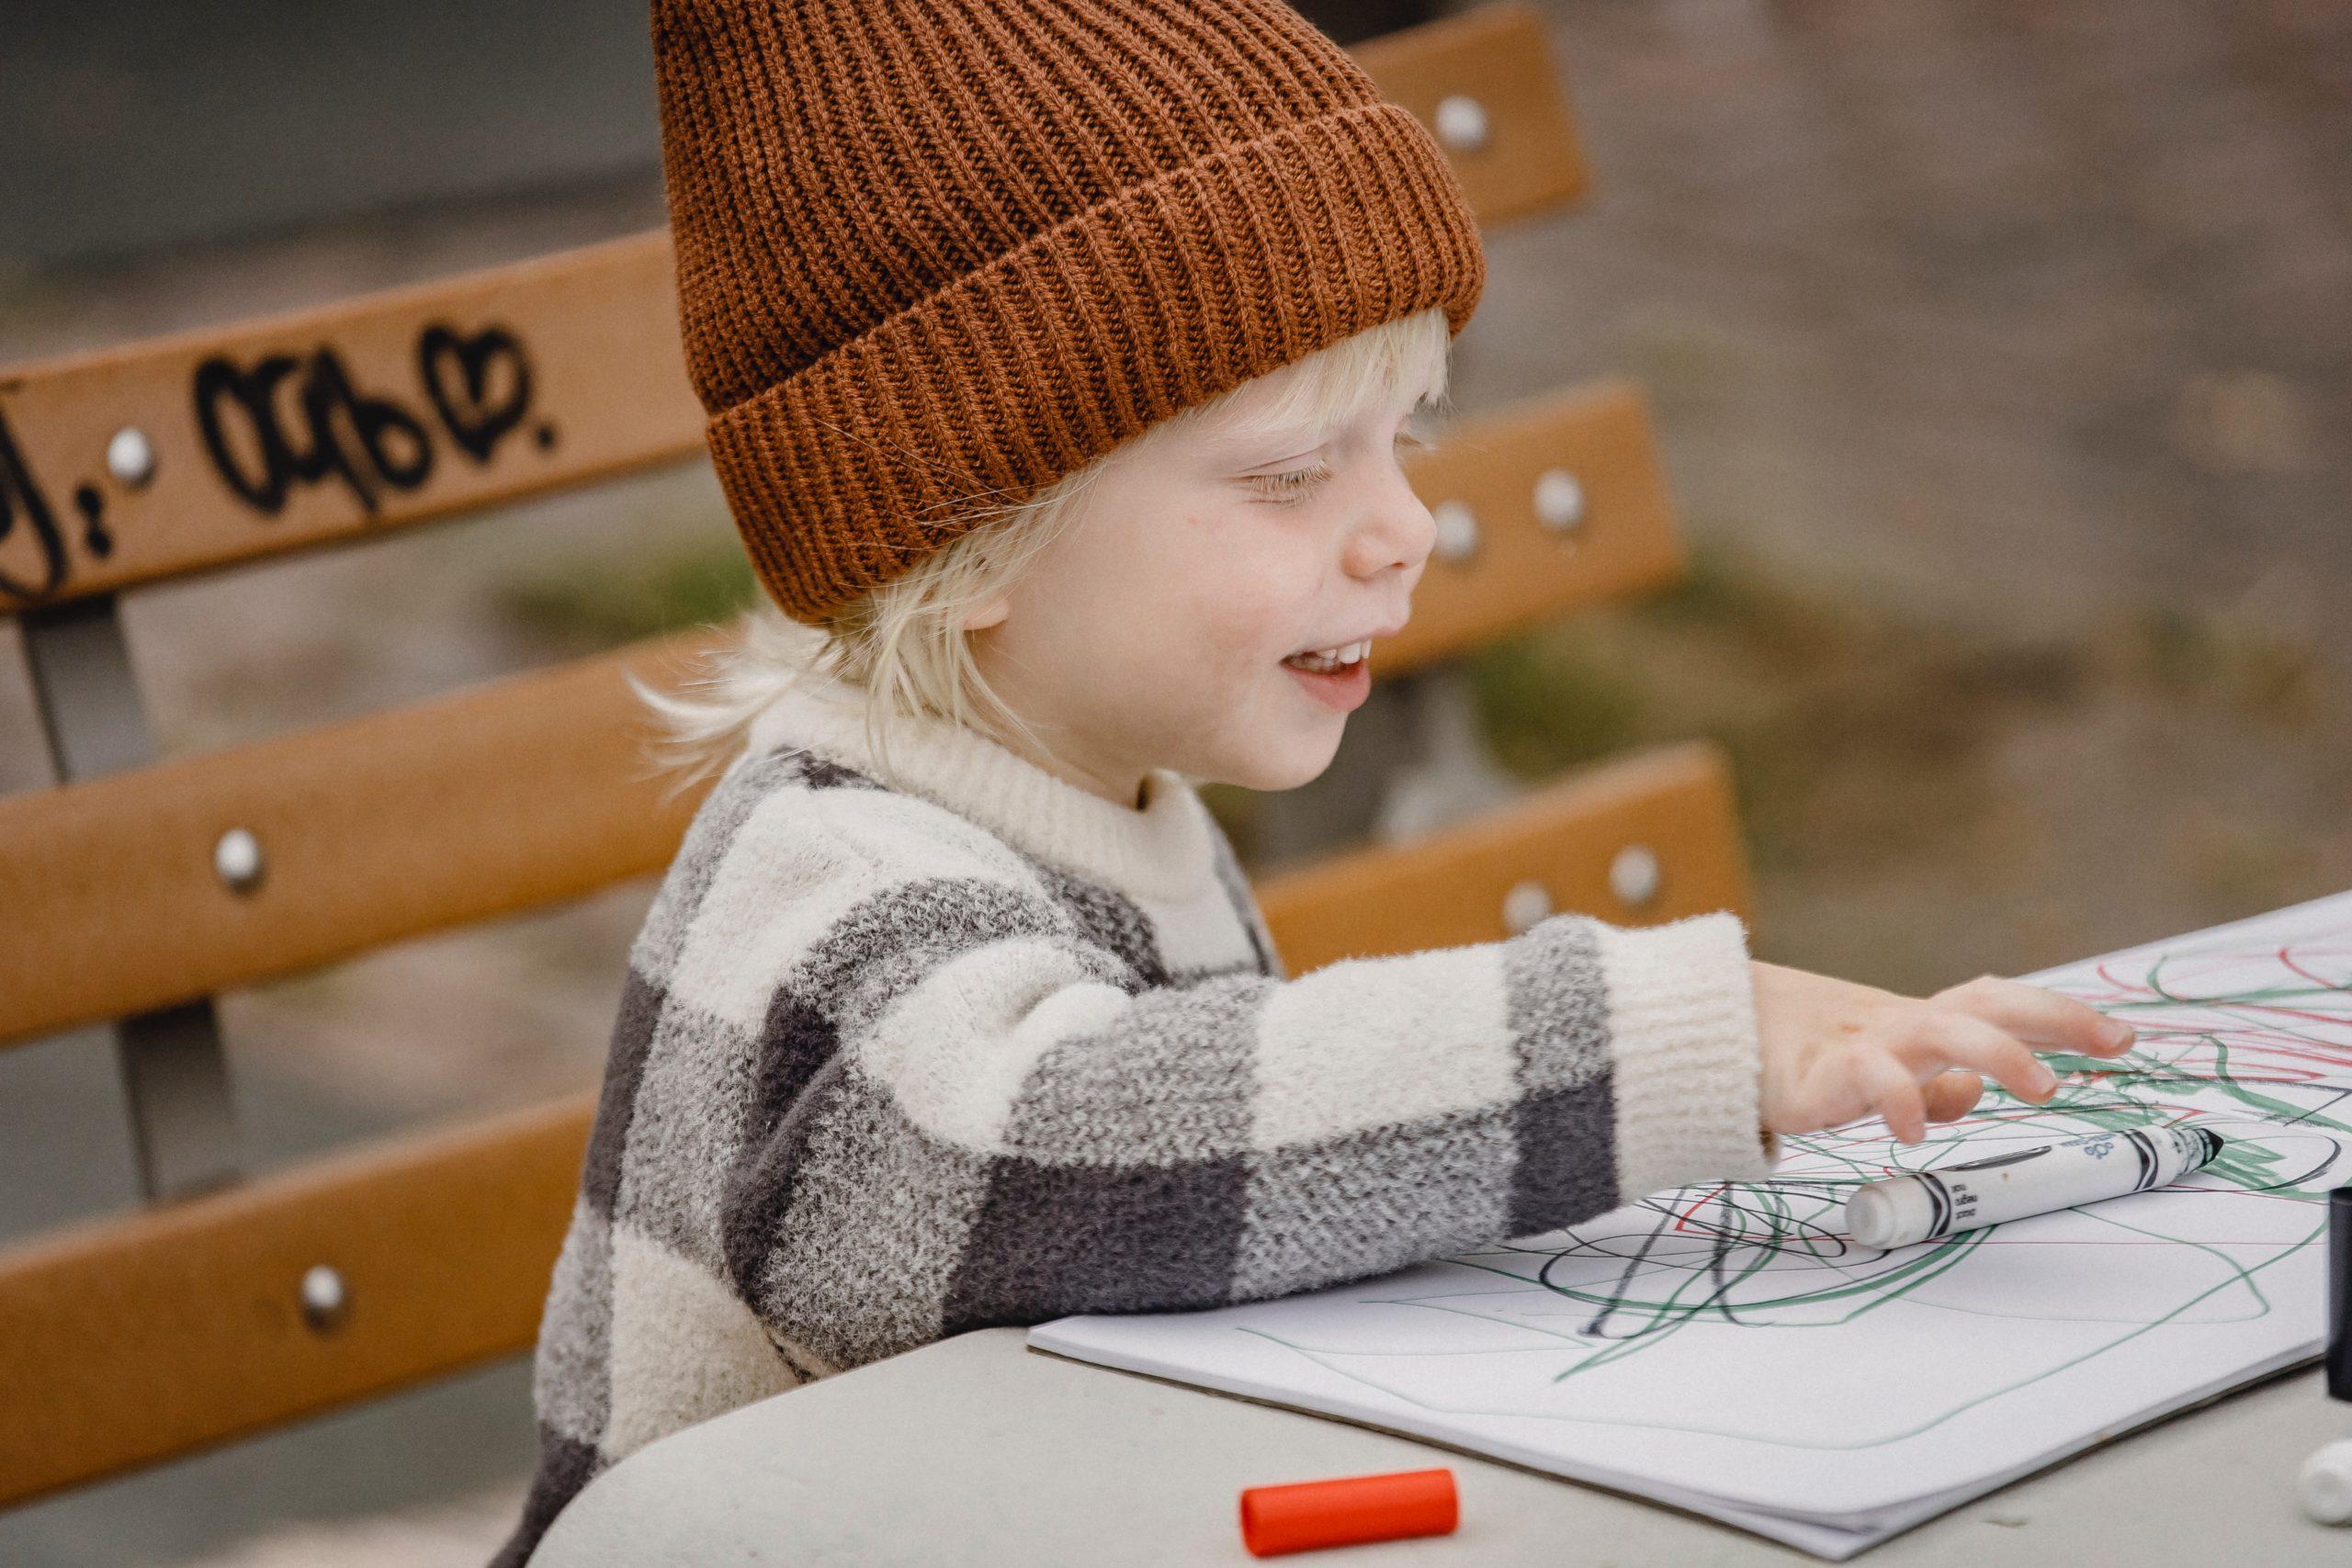 Même les plus jeunes prendront plaisir à dessiner les merveilles de la nature.